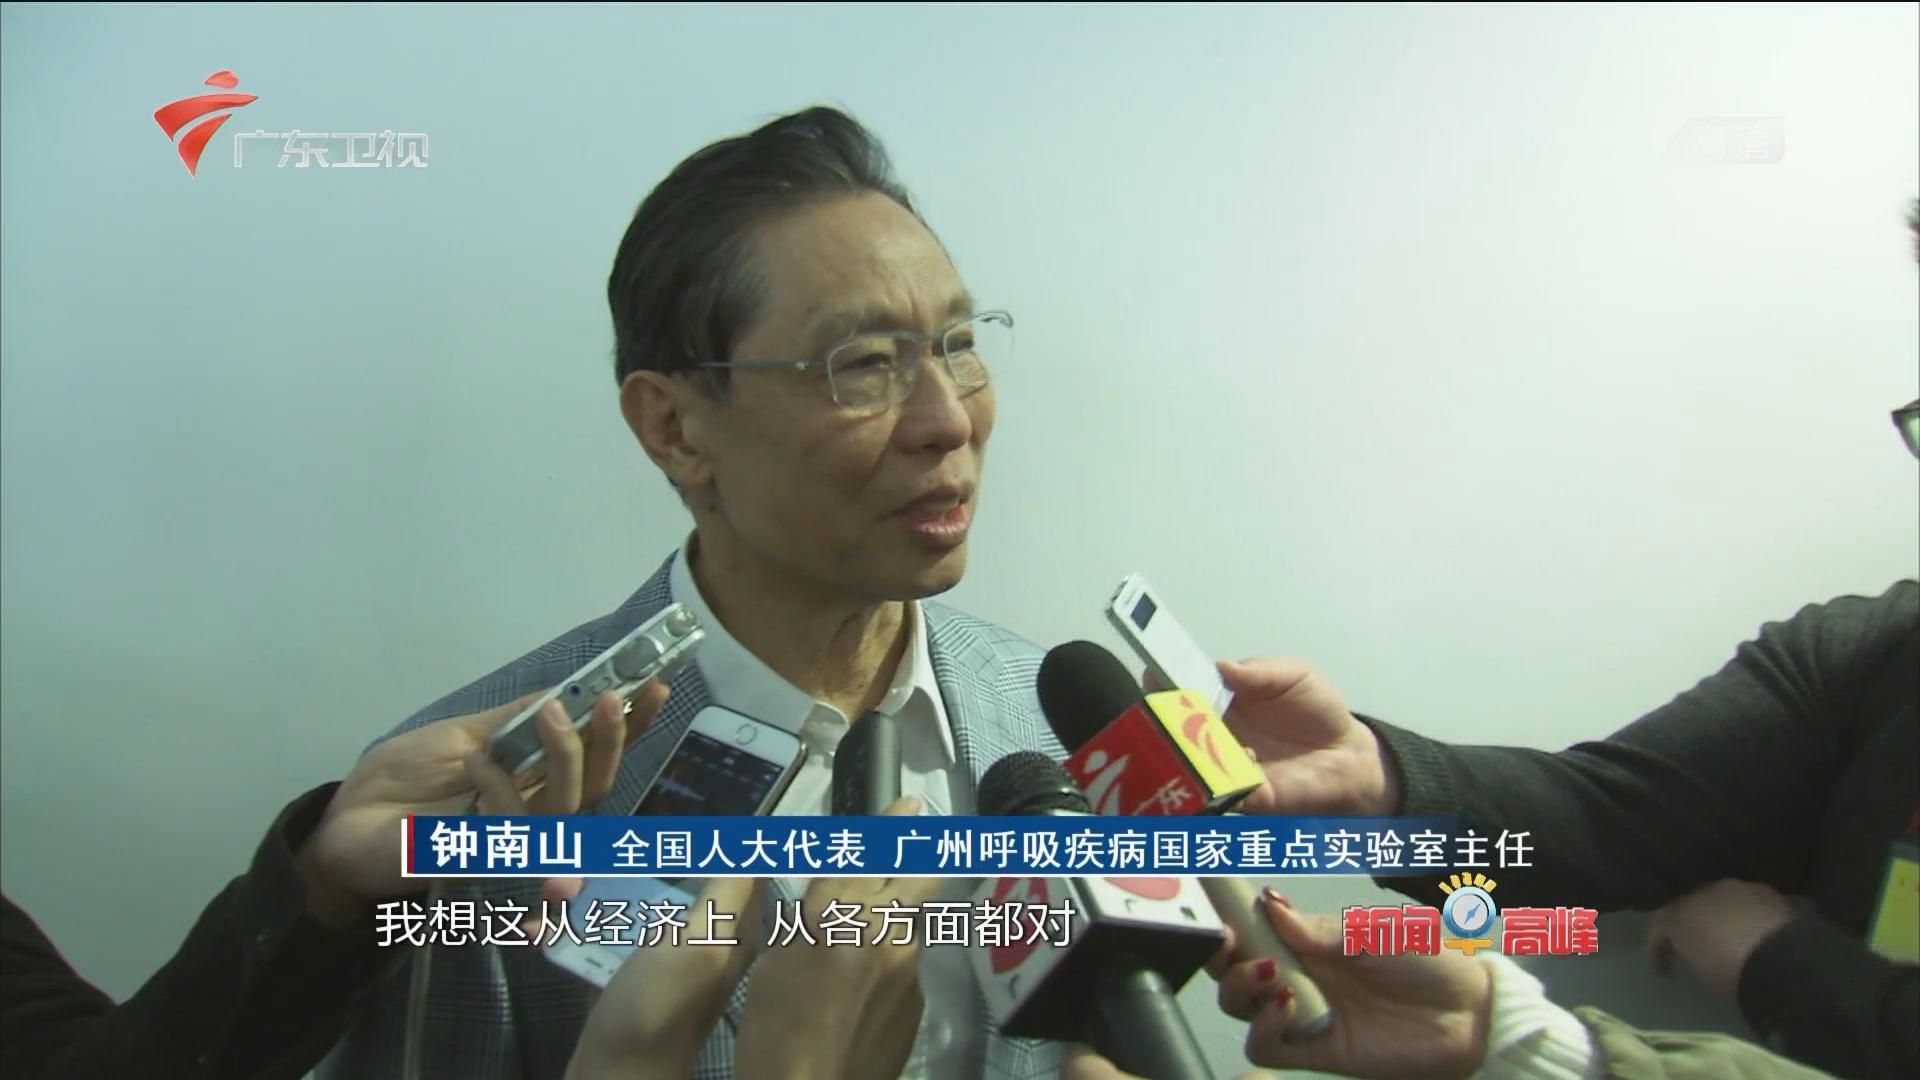 参加全国两会的在粤全国人大代表返回广州